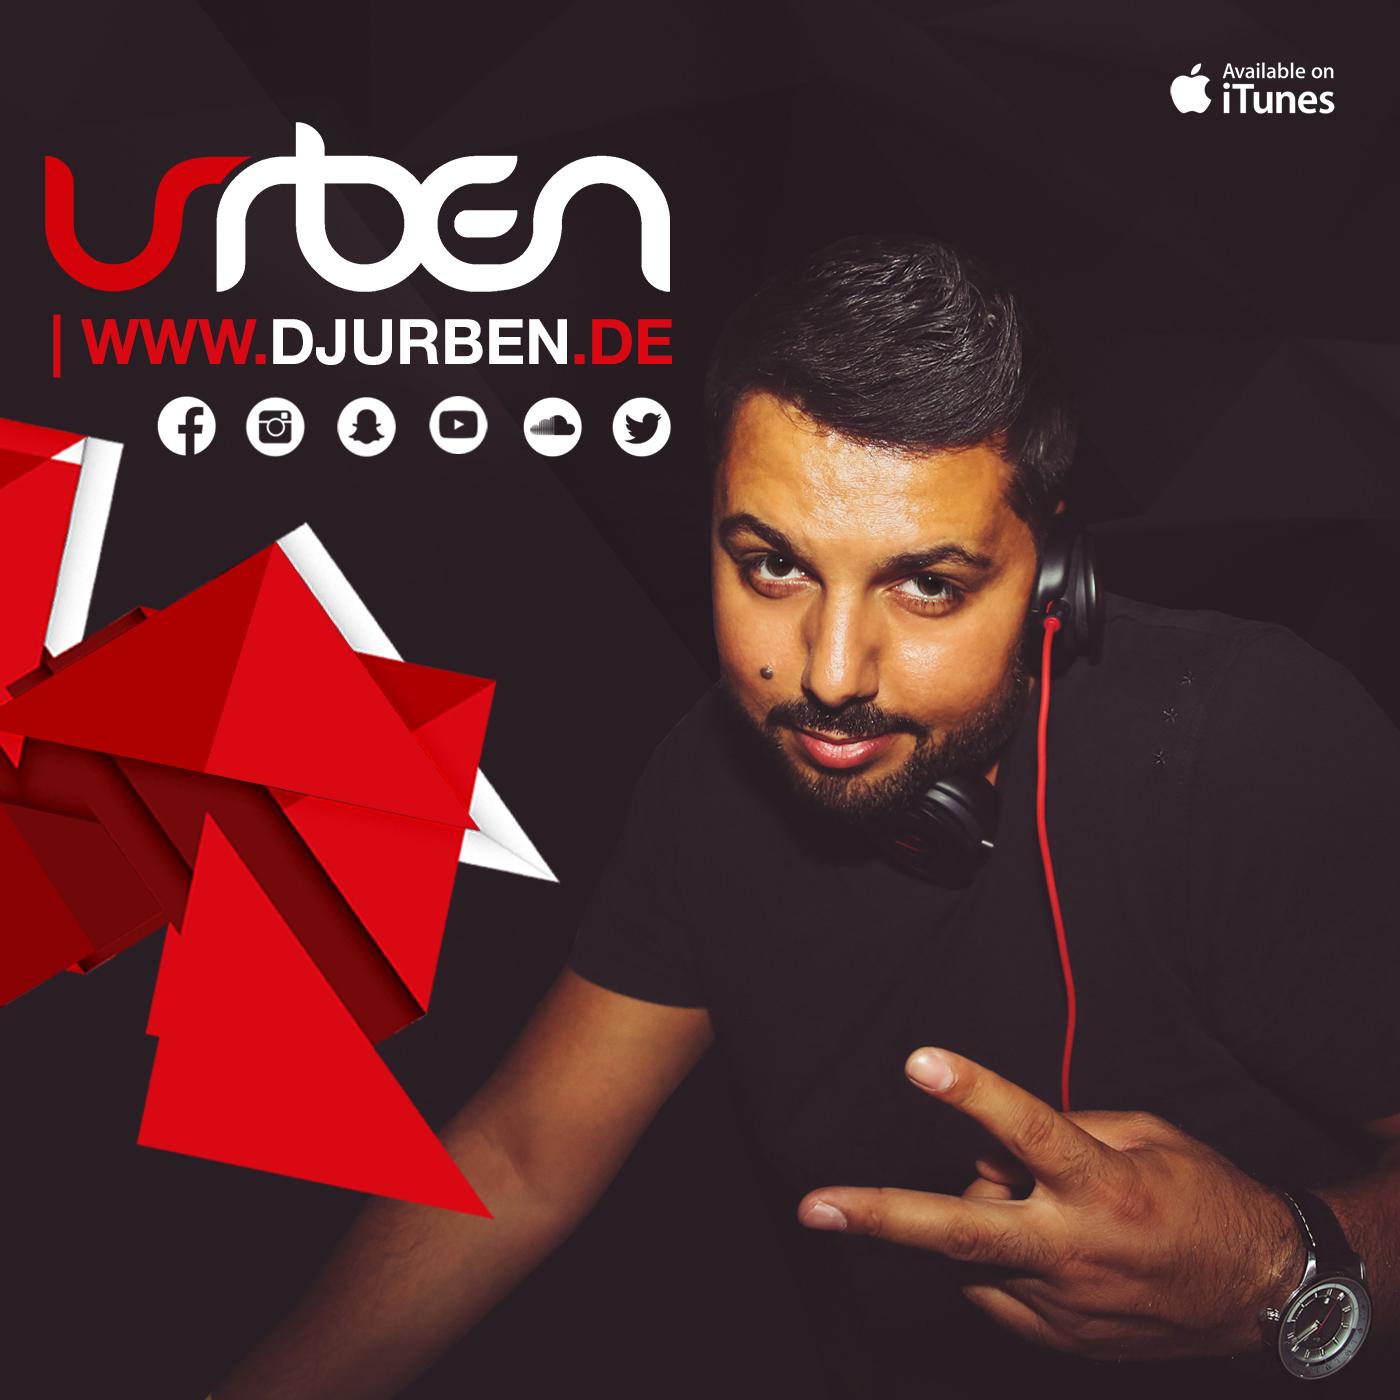 DJ Urben Mixes